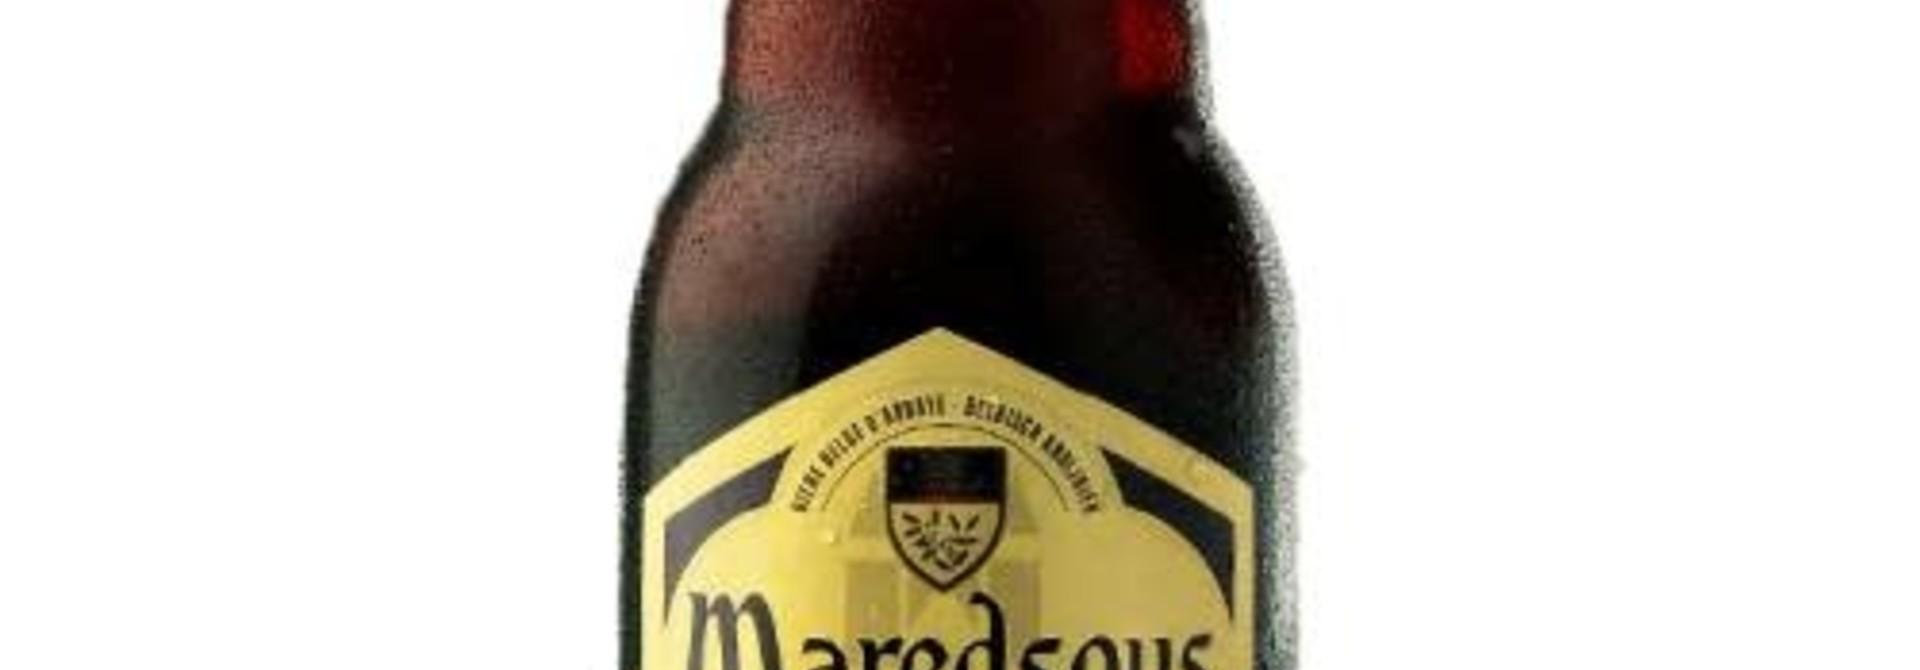 MAREDSOUS BRUIN 8O 33CL